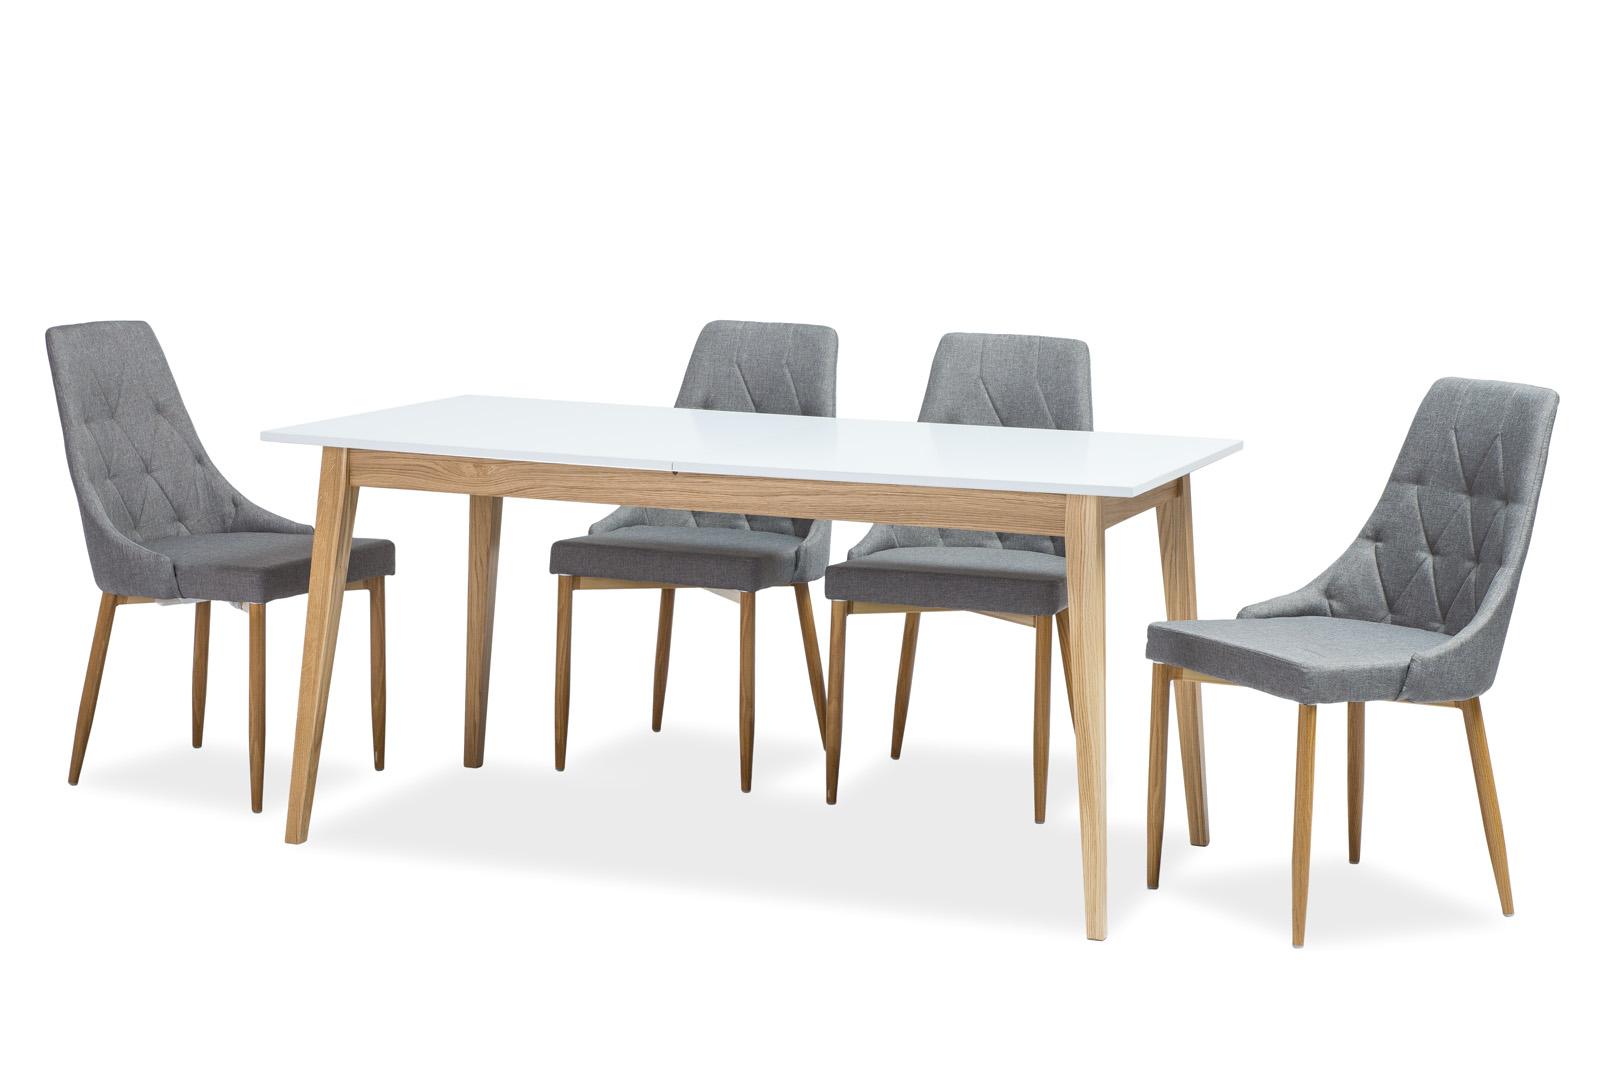 Jedálenský stôl - Signal - Cesar (pre 6 až 8 osôb). Doprava ZDARMA. Sme autorizovaný predajca Signal. Vlastná spoľahlivá doprava až k Vám domov.